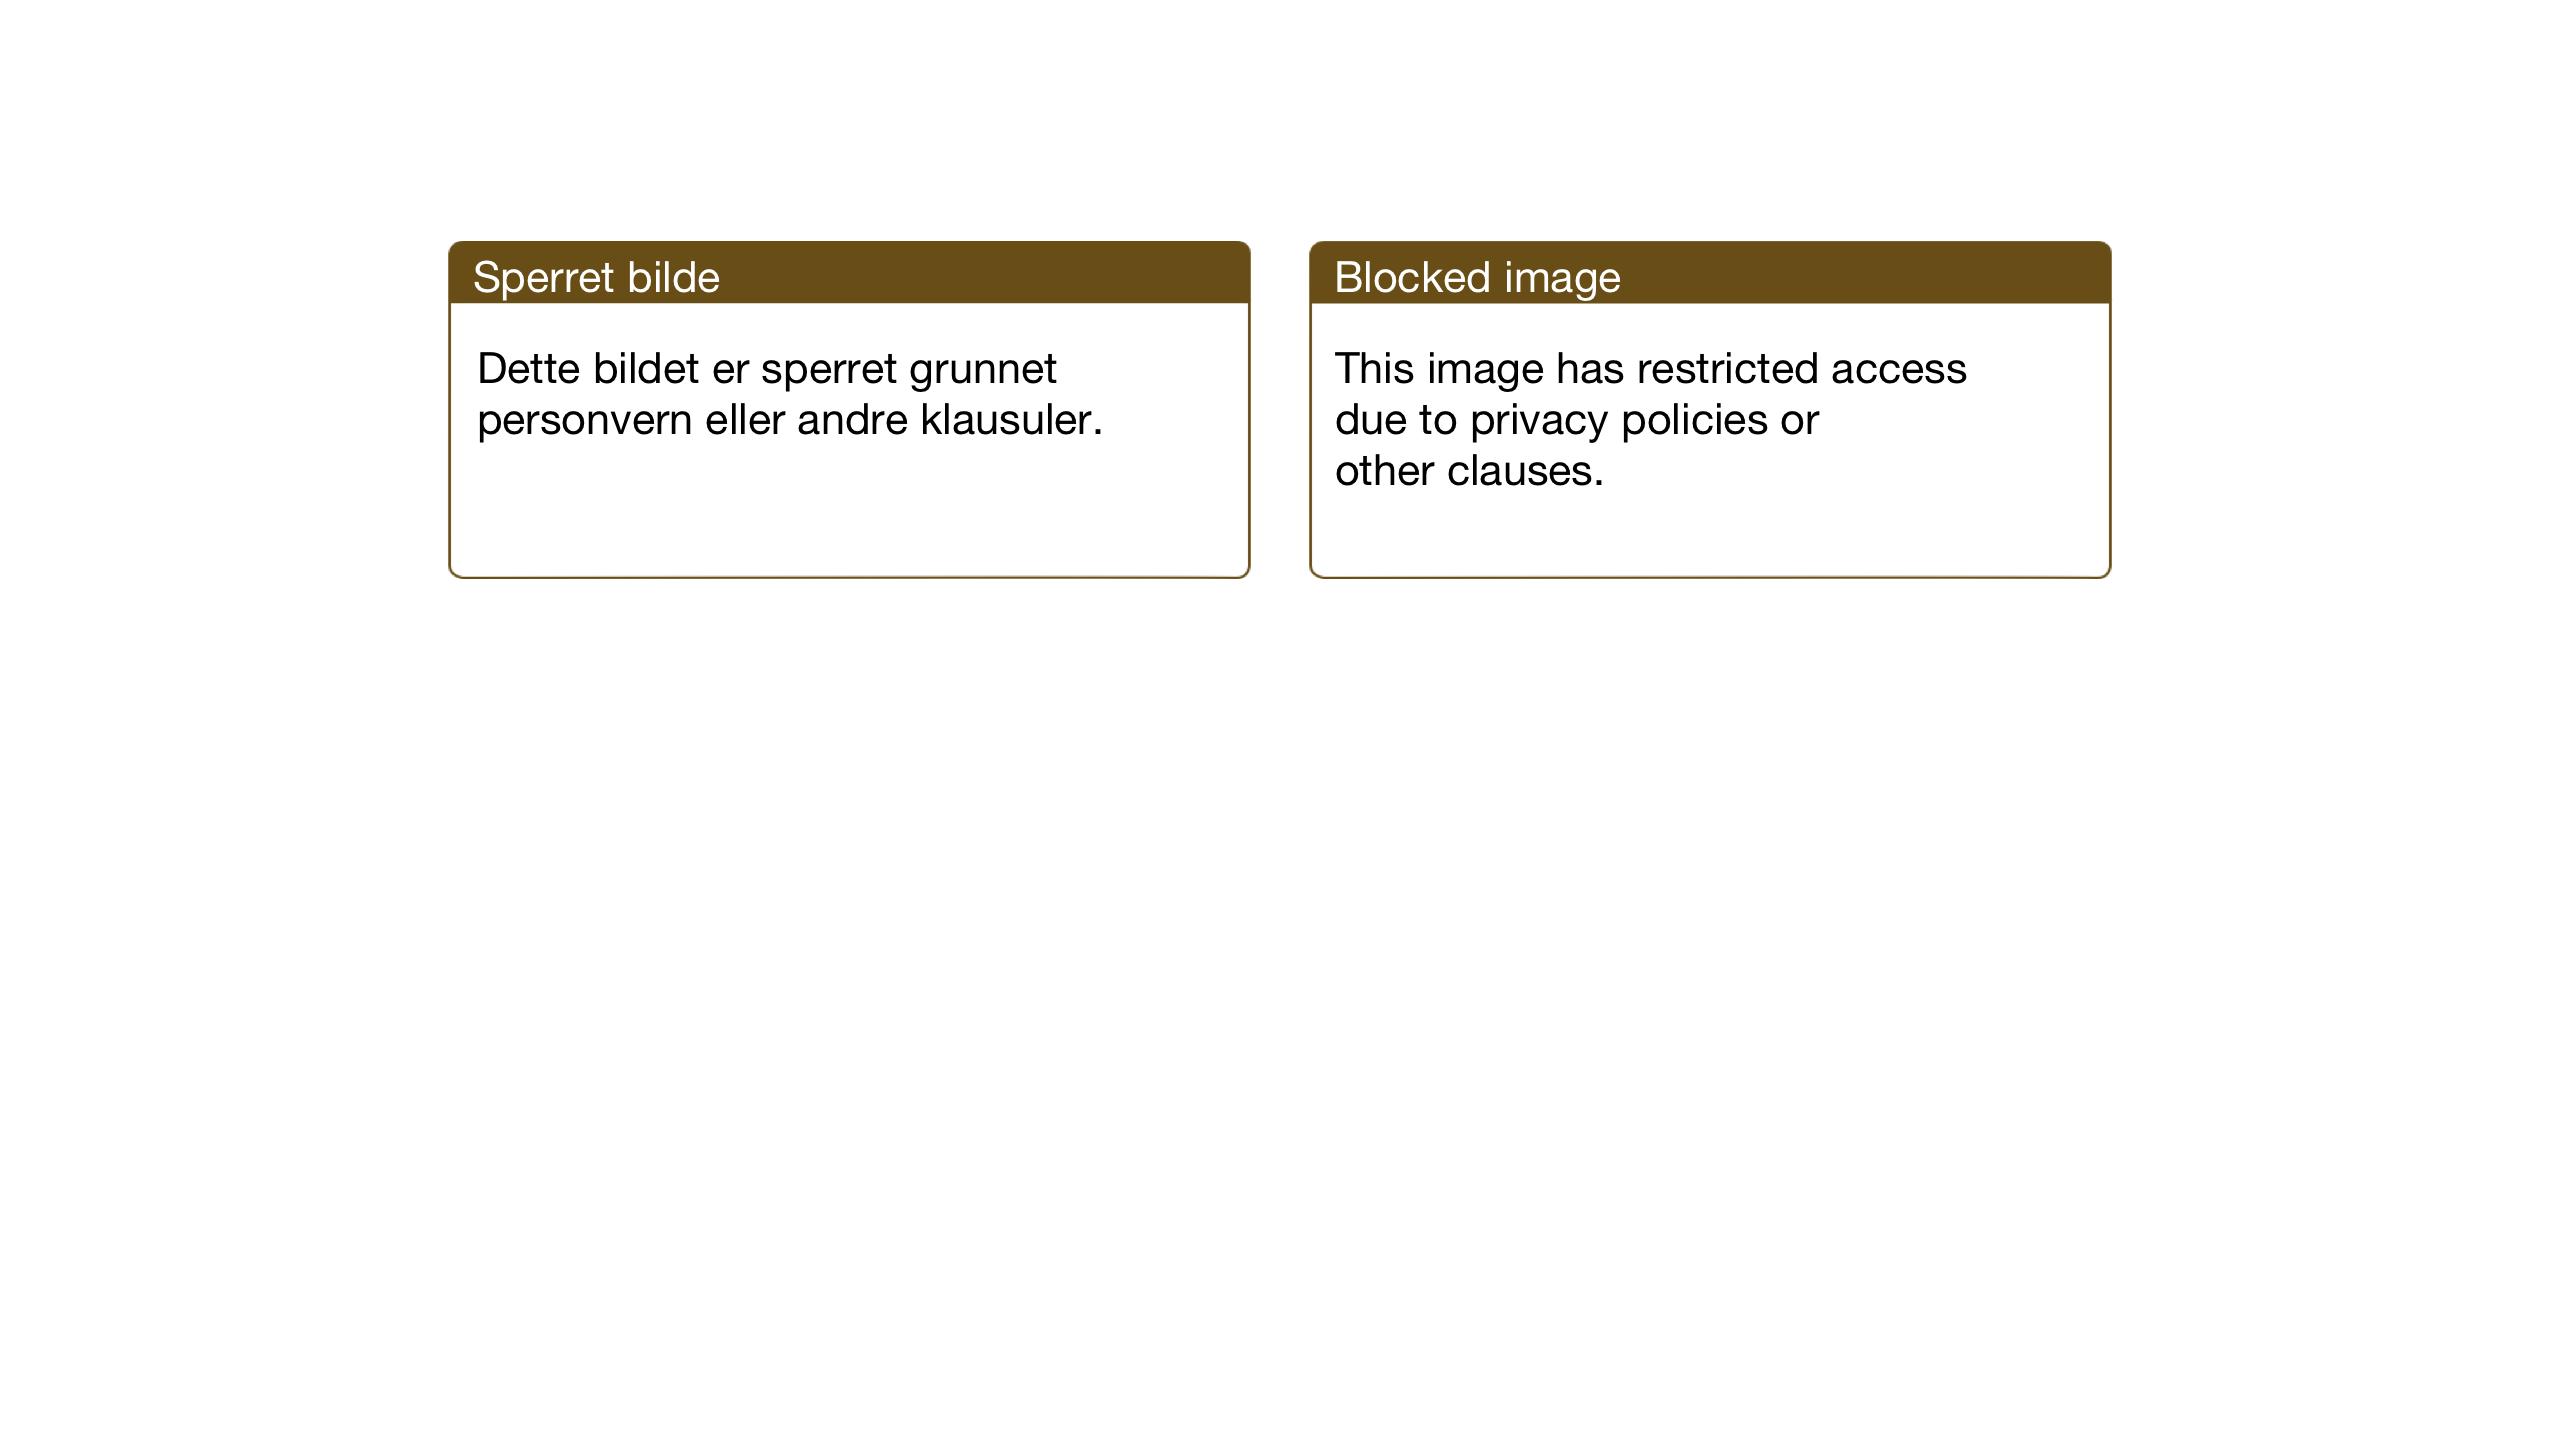 SAT, Ministerialprotokoller, klokkerbøker og fødselsregistre - Nord-Trøndelag, 746/L0456: Klokkerbok nr. 746C02, 1936-1948, s. 24